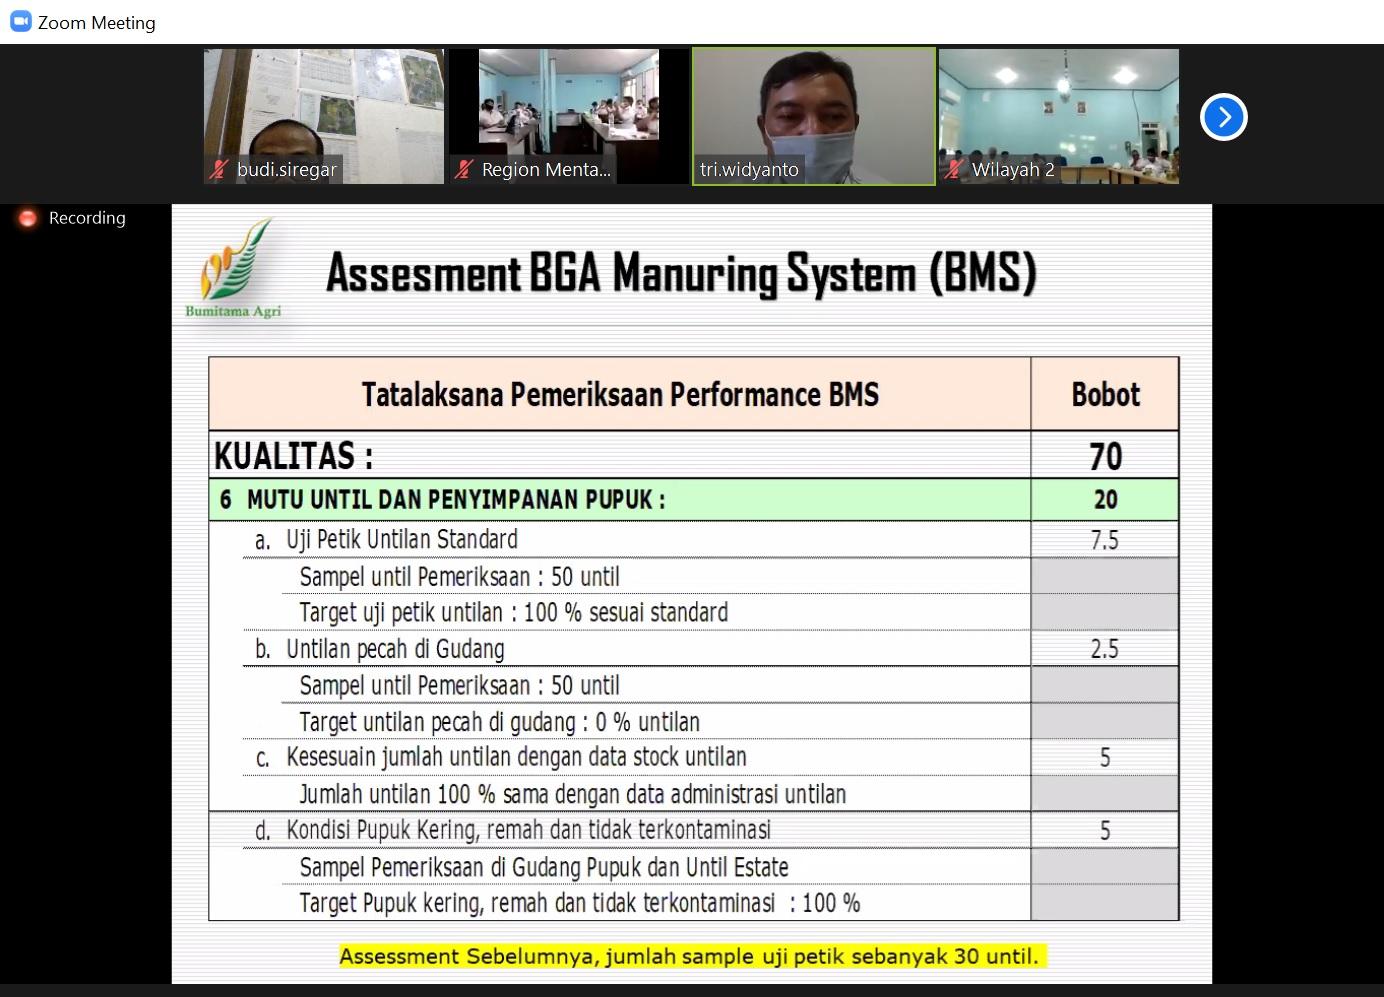 Assesment BMS - Kualitas